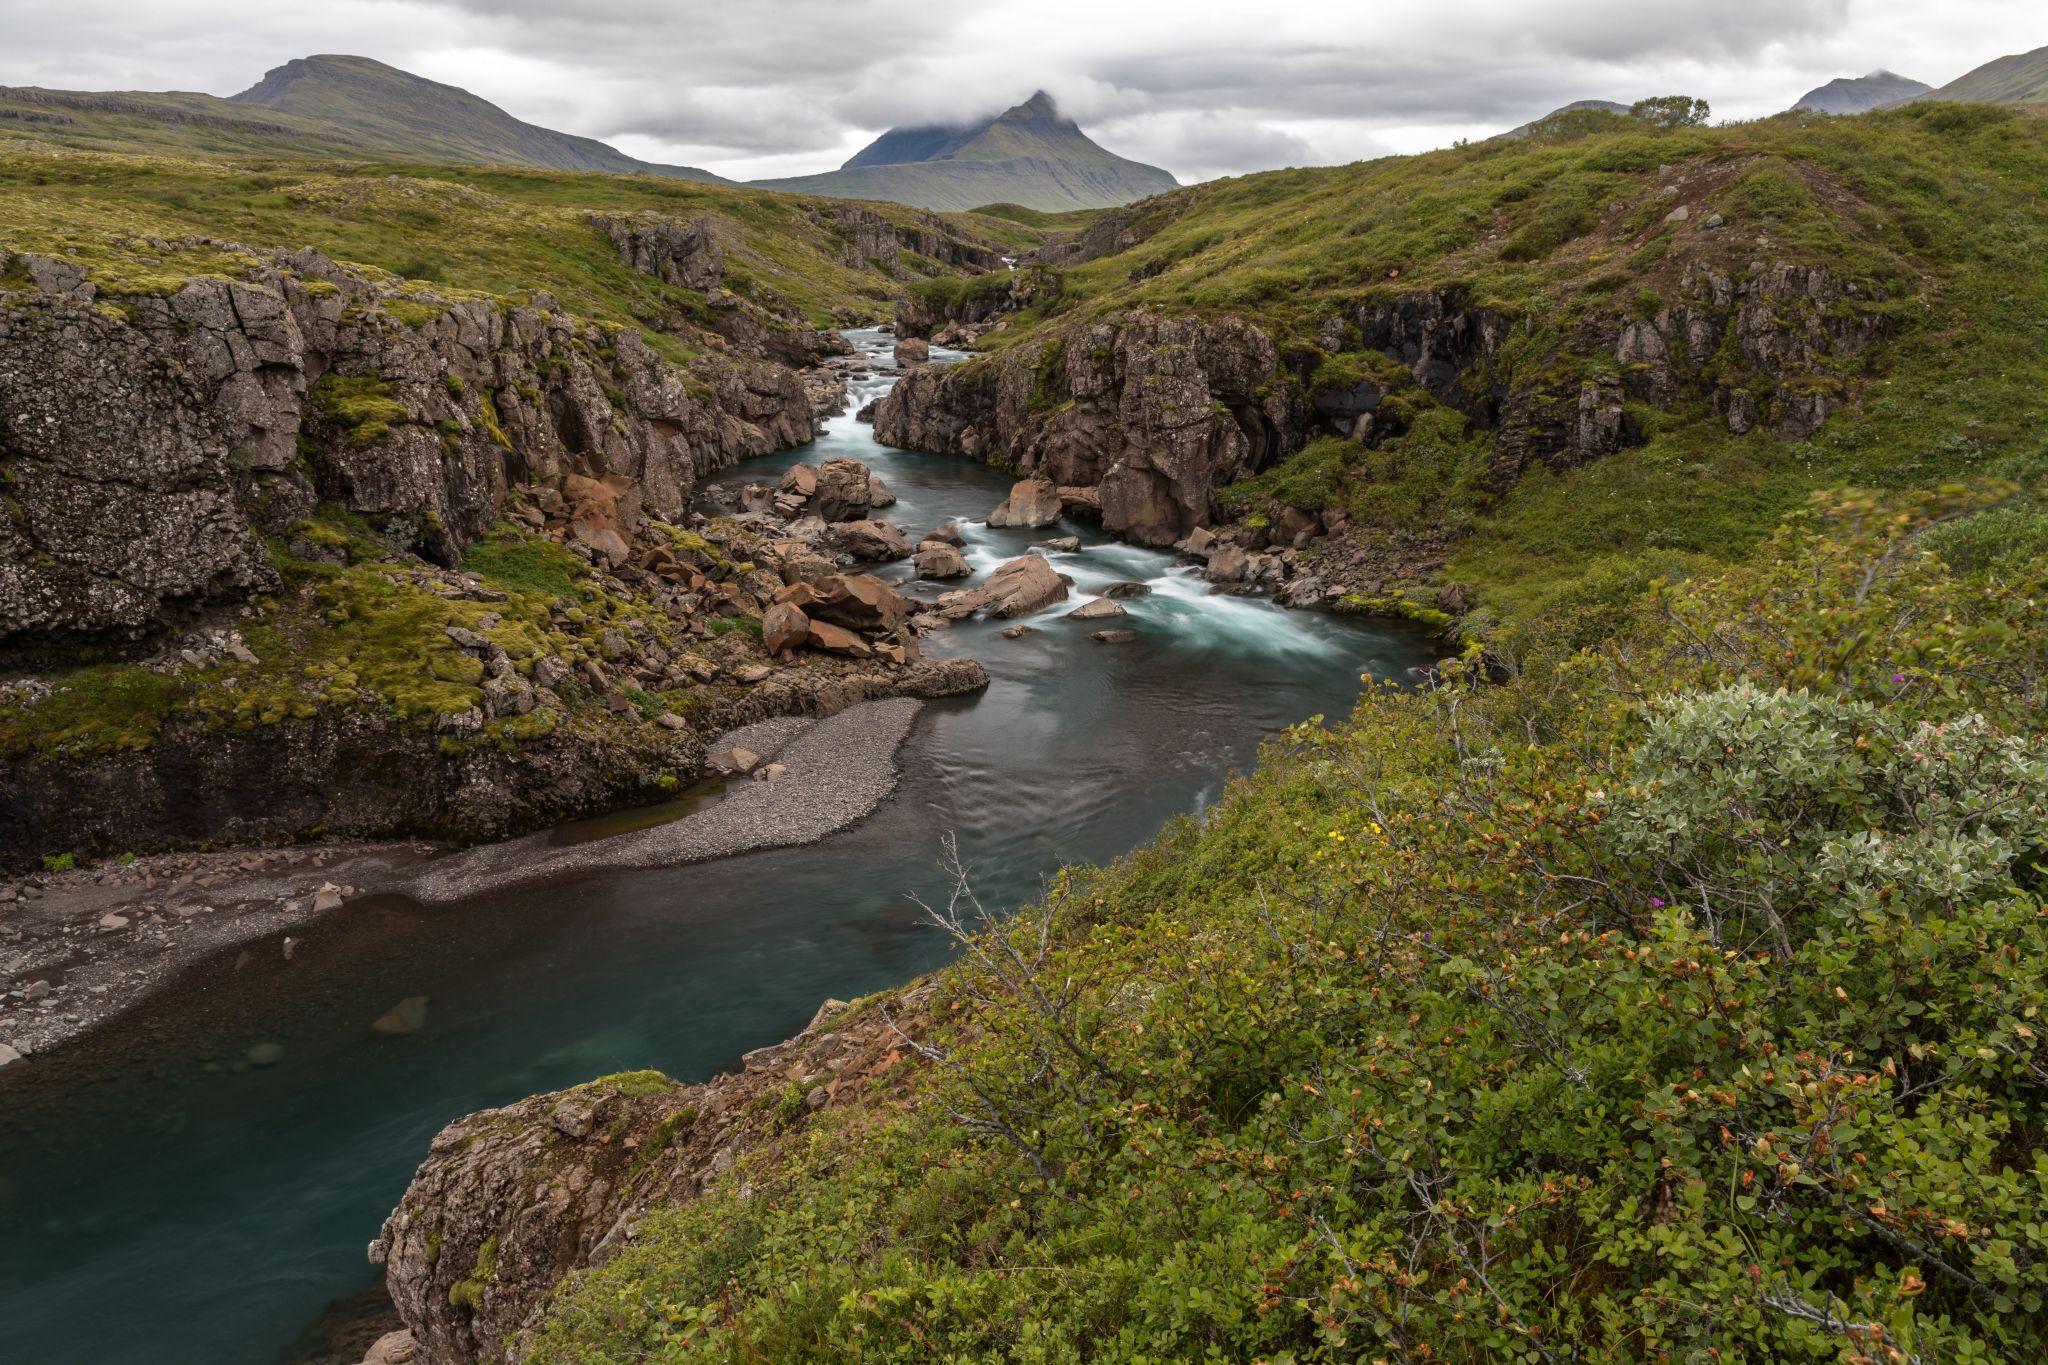 Tinnudalsá river near Breiðdalsvík, East Iceland, Iceland